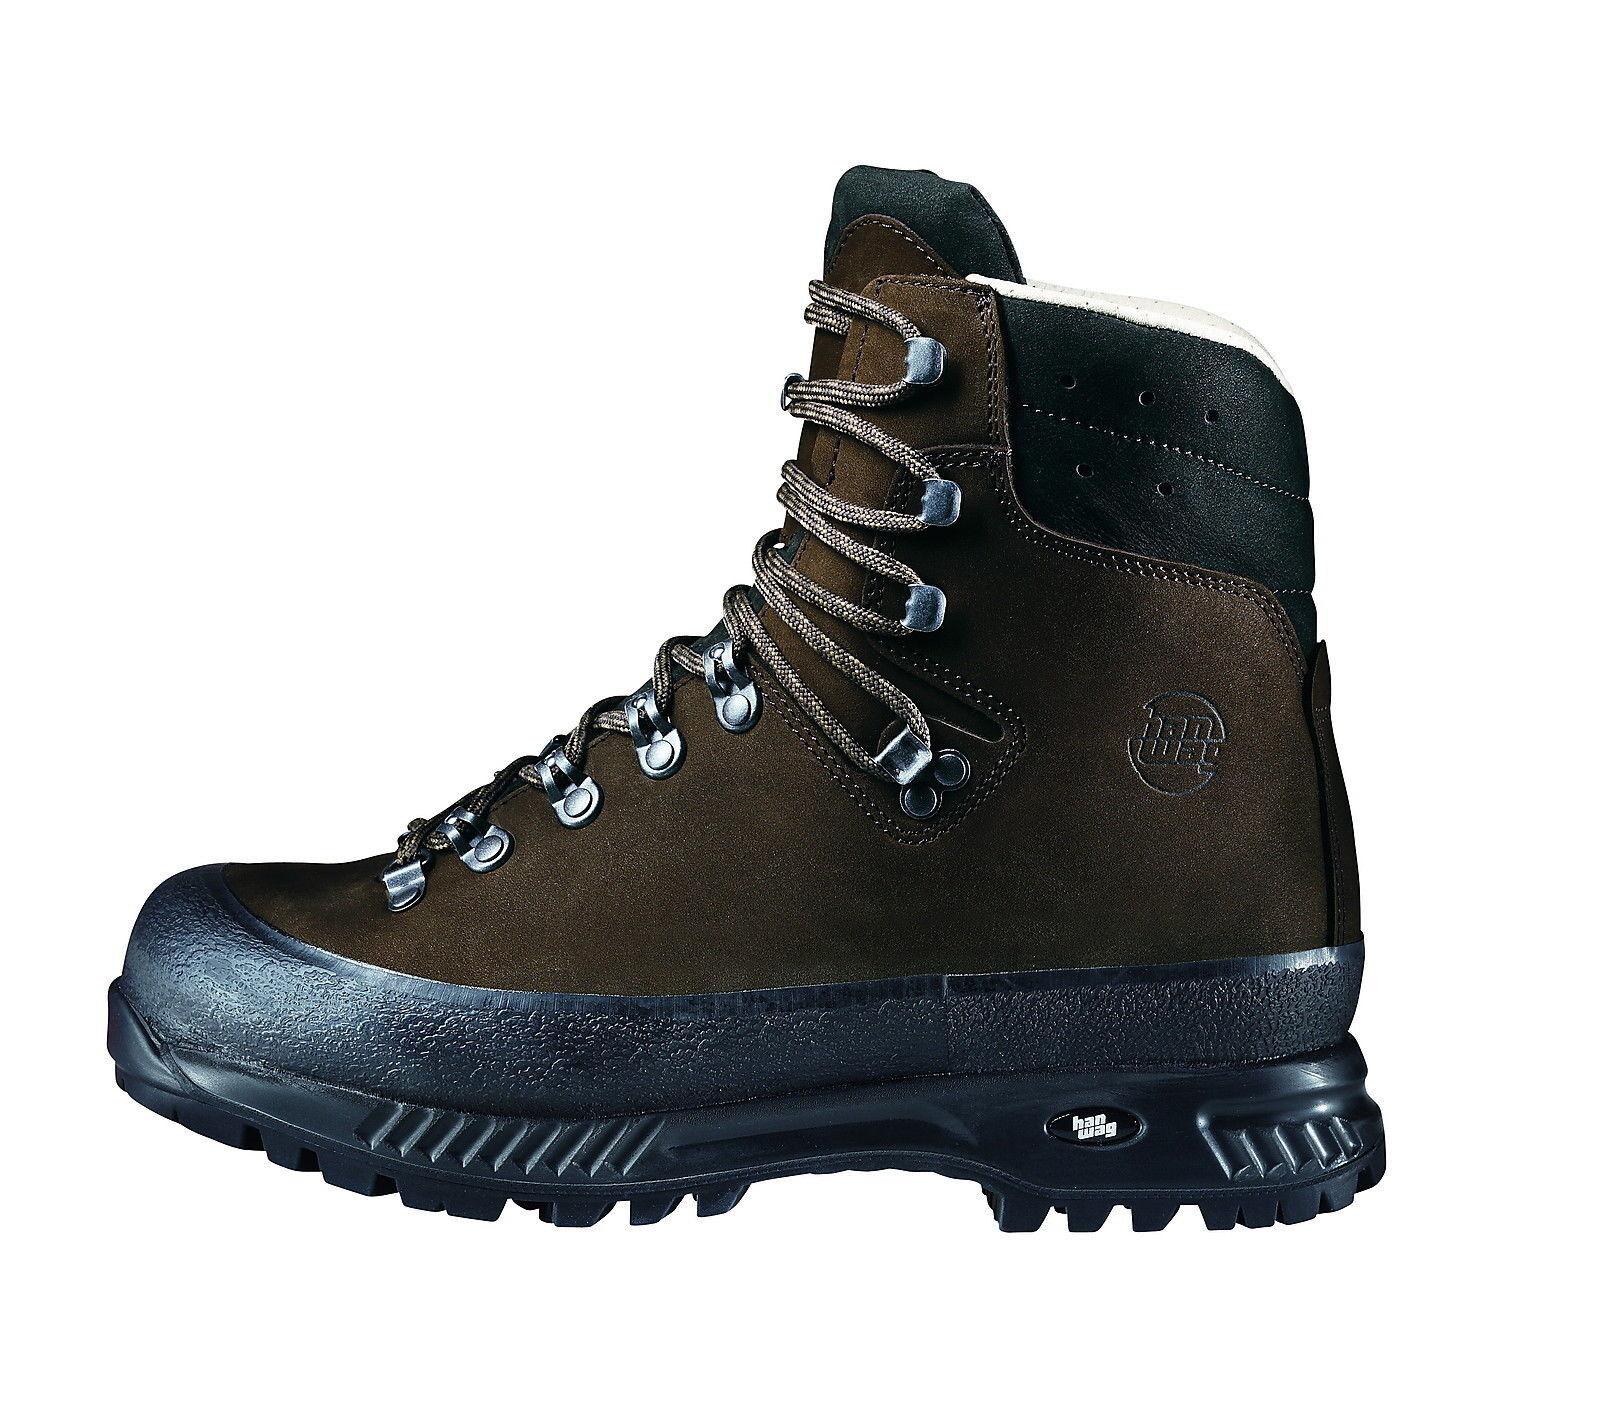 Hanwag Bergschuhe: Yukon Men Leder Größe 11 46 - 46 11 erde e365dc